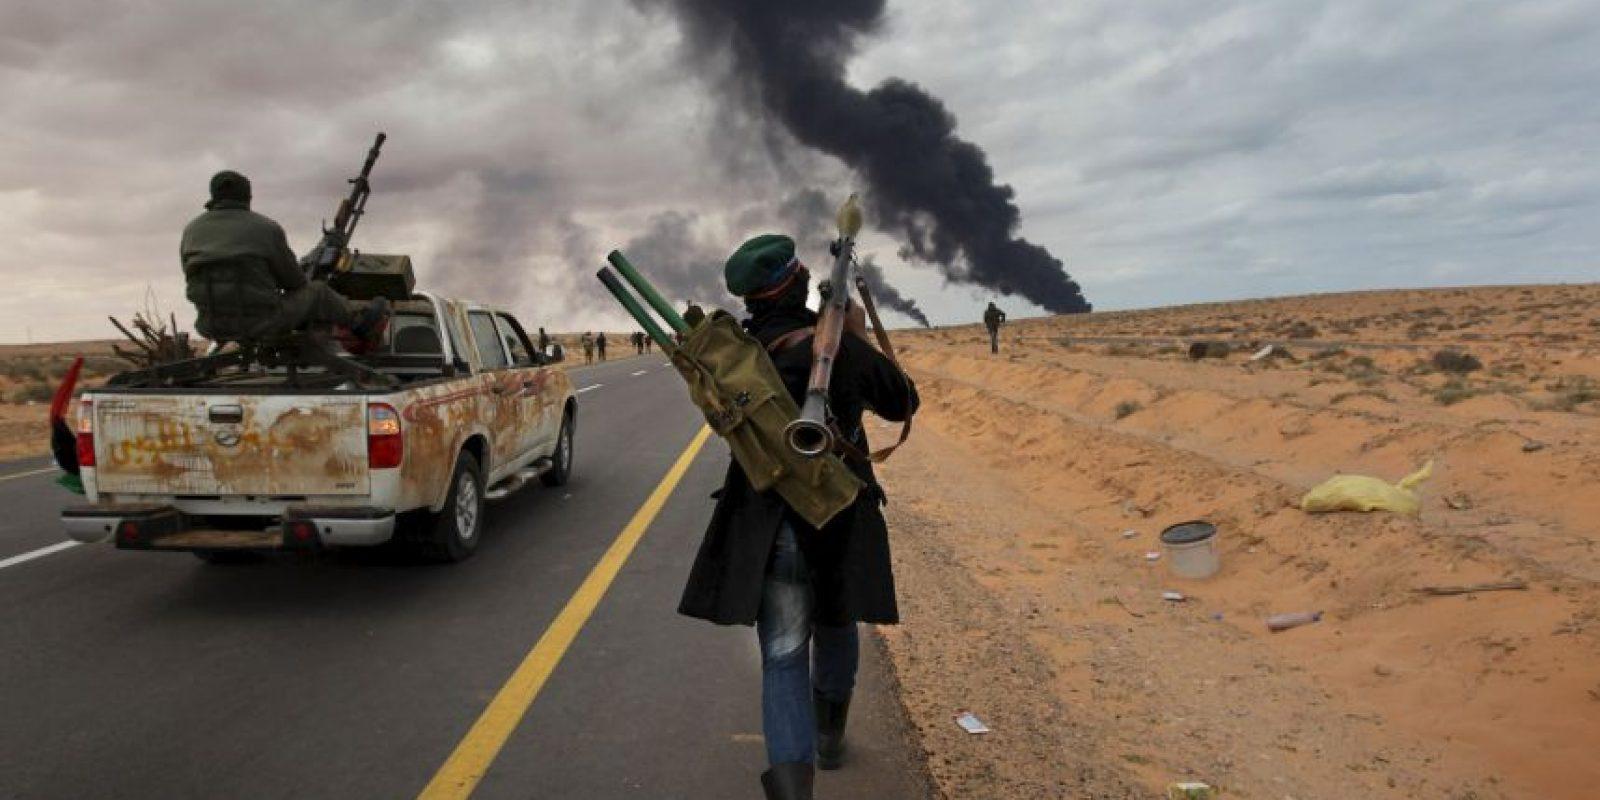 Cree suficientes los ataque aéreos que se llevan acabo contra el ISIS. Foto:Getty Images